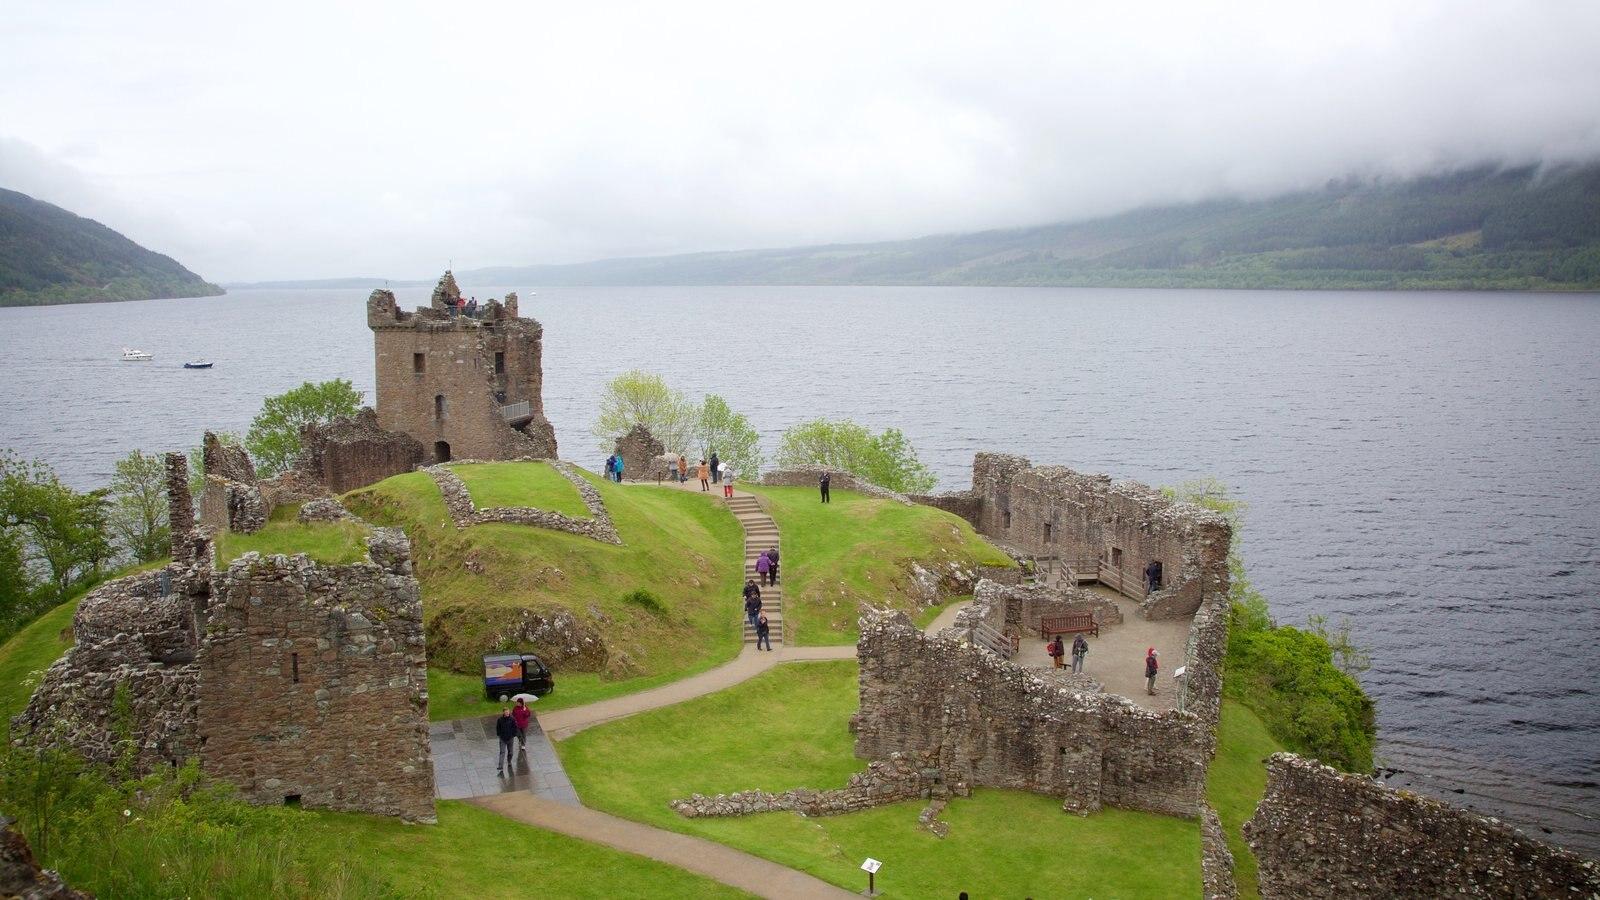 Castillo de Urquhart ofreciendo castillo o palacio, un lago o abrevadero y elementos del patrimonio